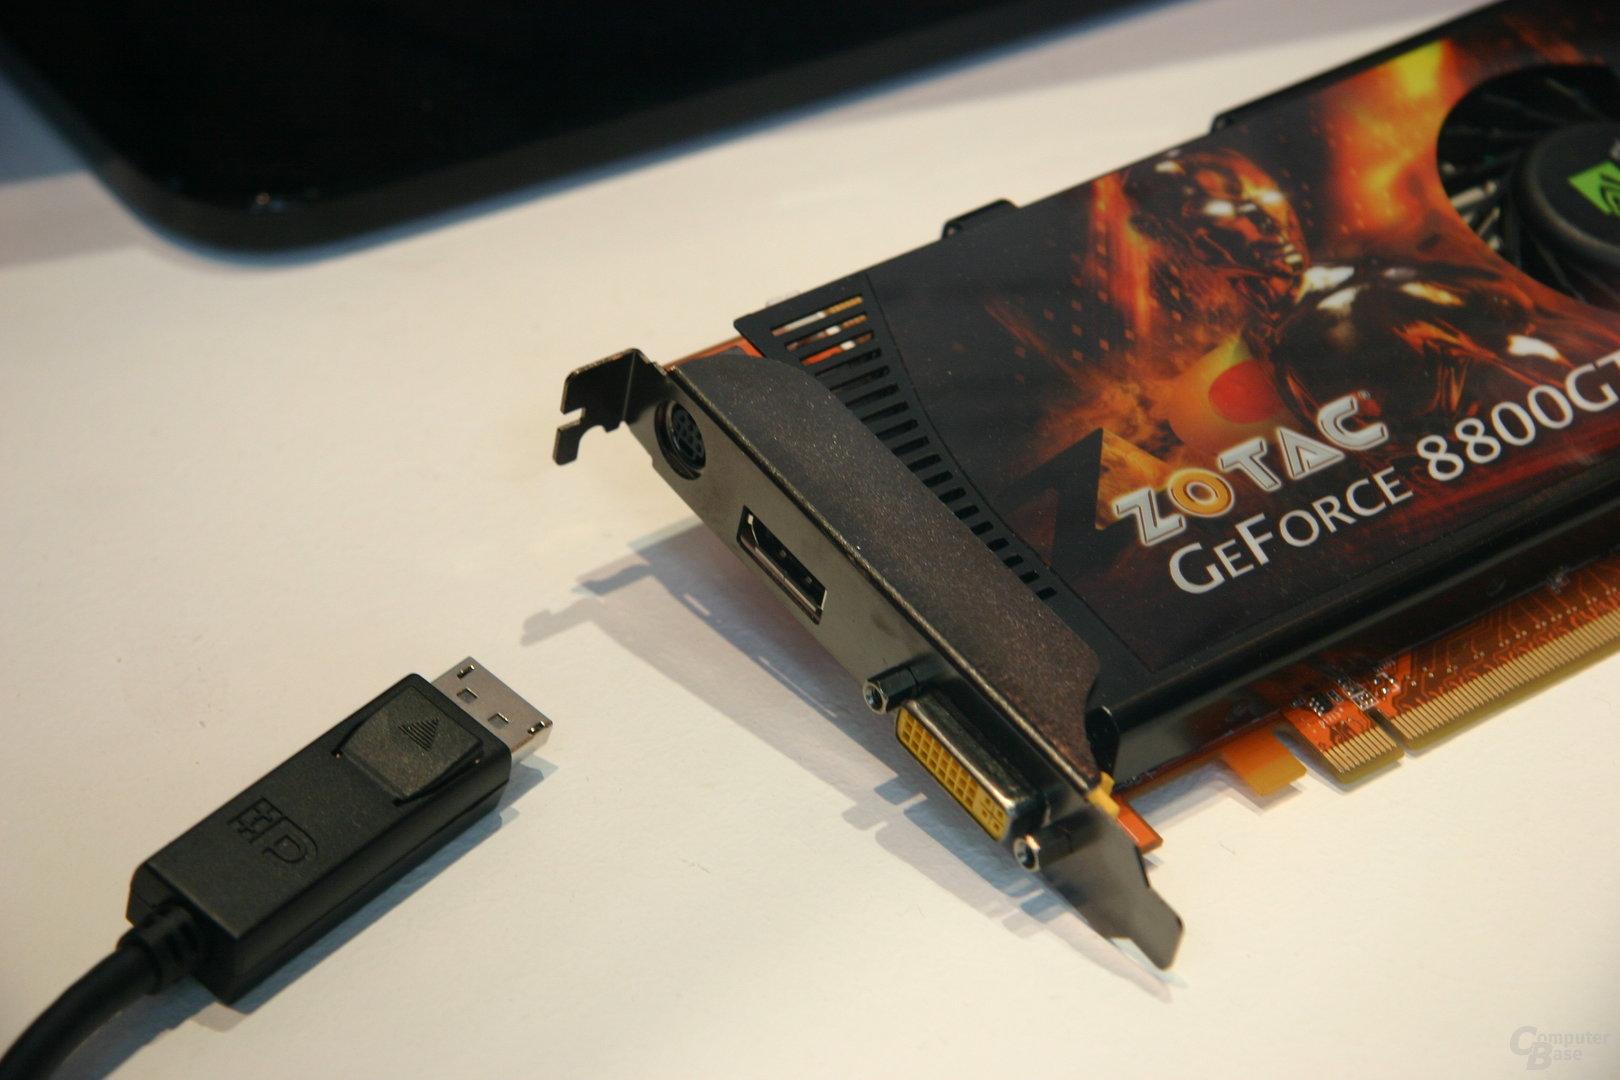 Zotac GeForce 8800 GT mit DisplayPort